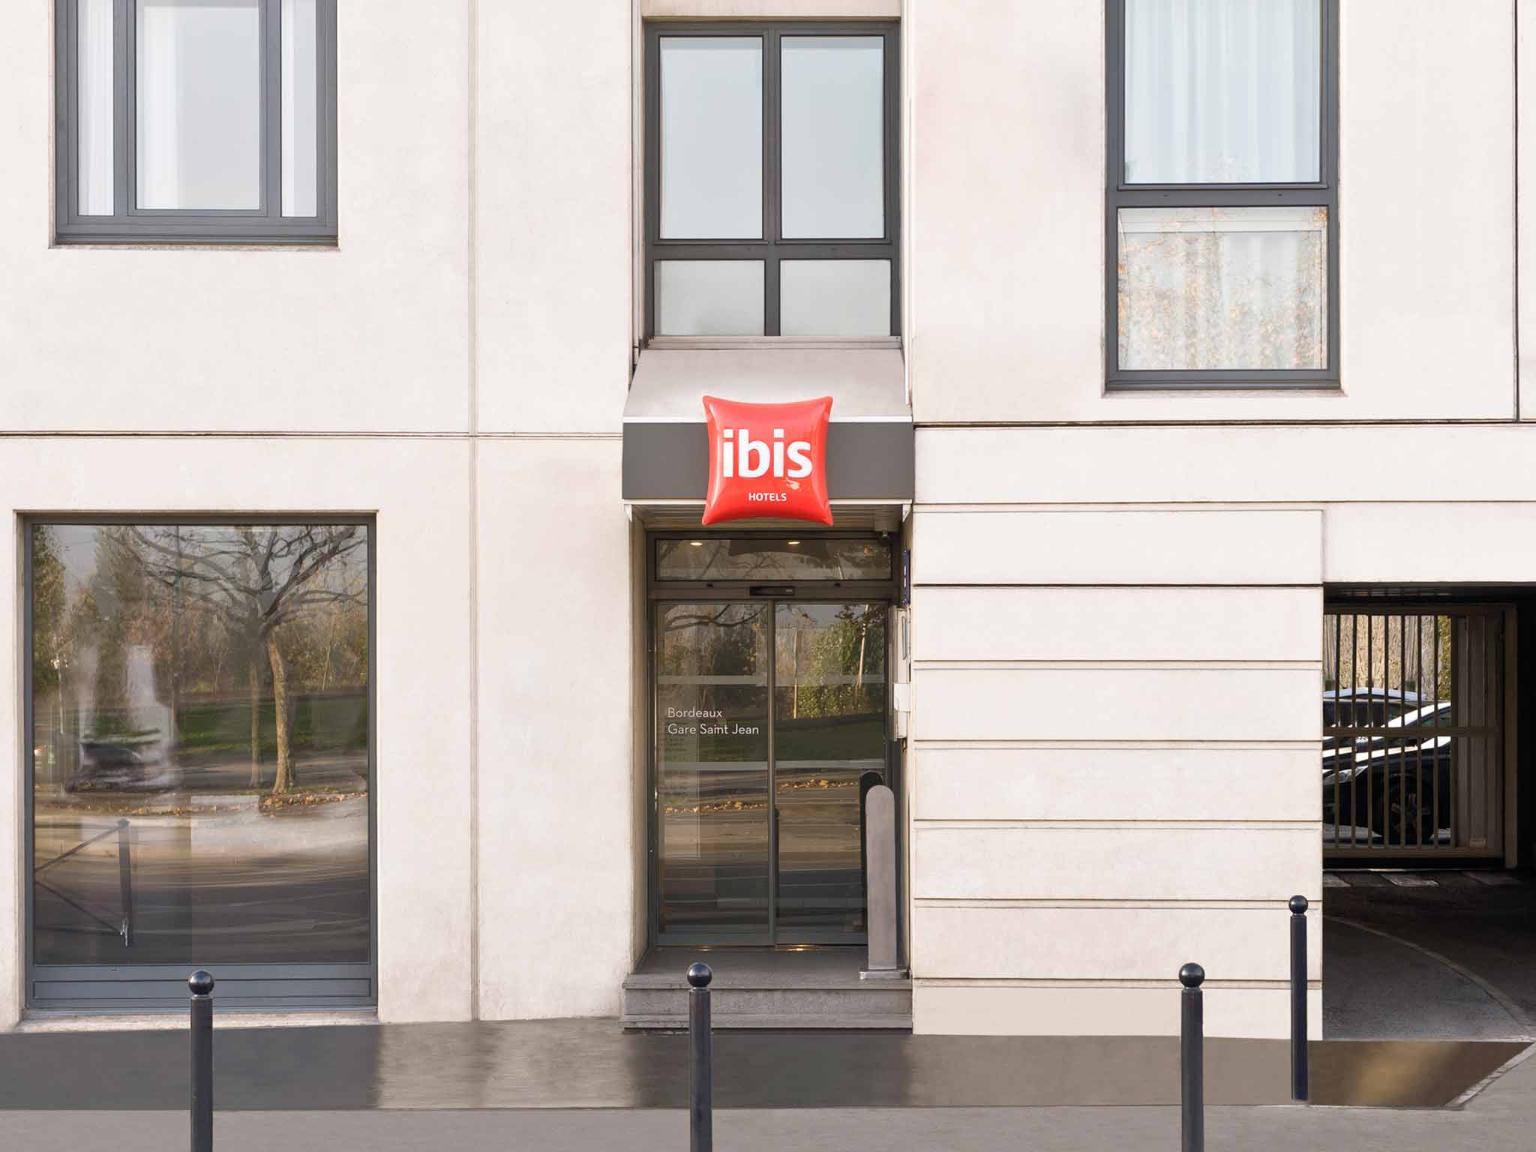 ibis bordeaux centre gare saint jean h tel 19 quai de paludate 33000 bordeaux adresse horaire. Black Bedroom Furniture Sets. Home Design Ideas